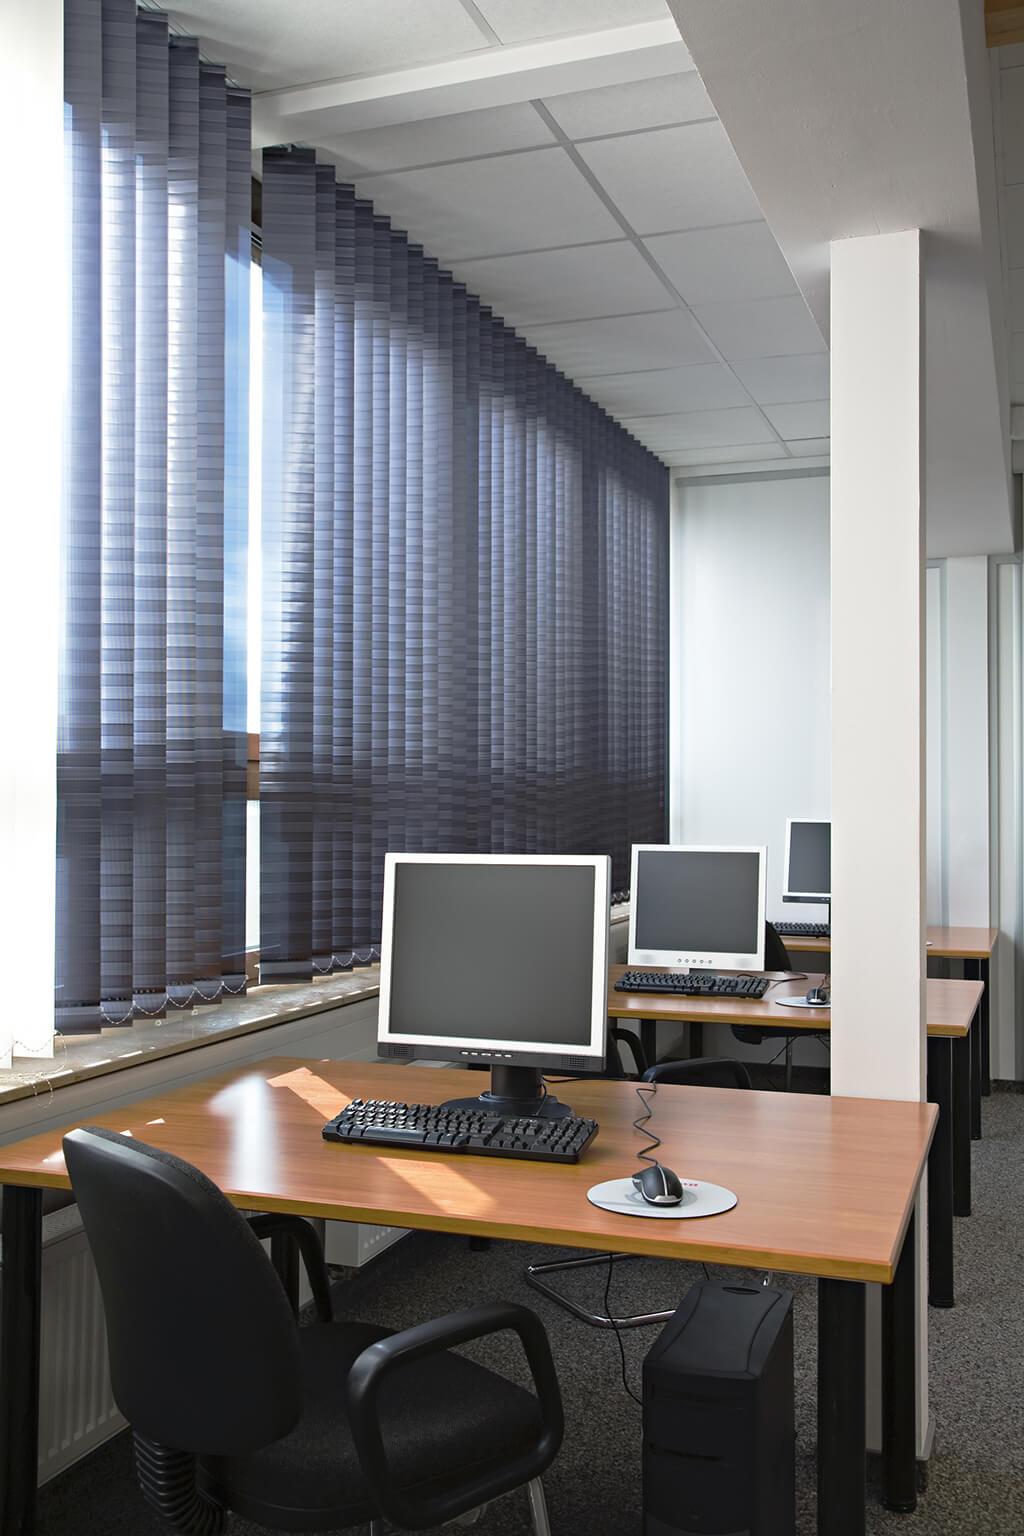 Lamellenvorhang mit Dekorstoff im Großraumbüro